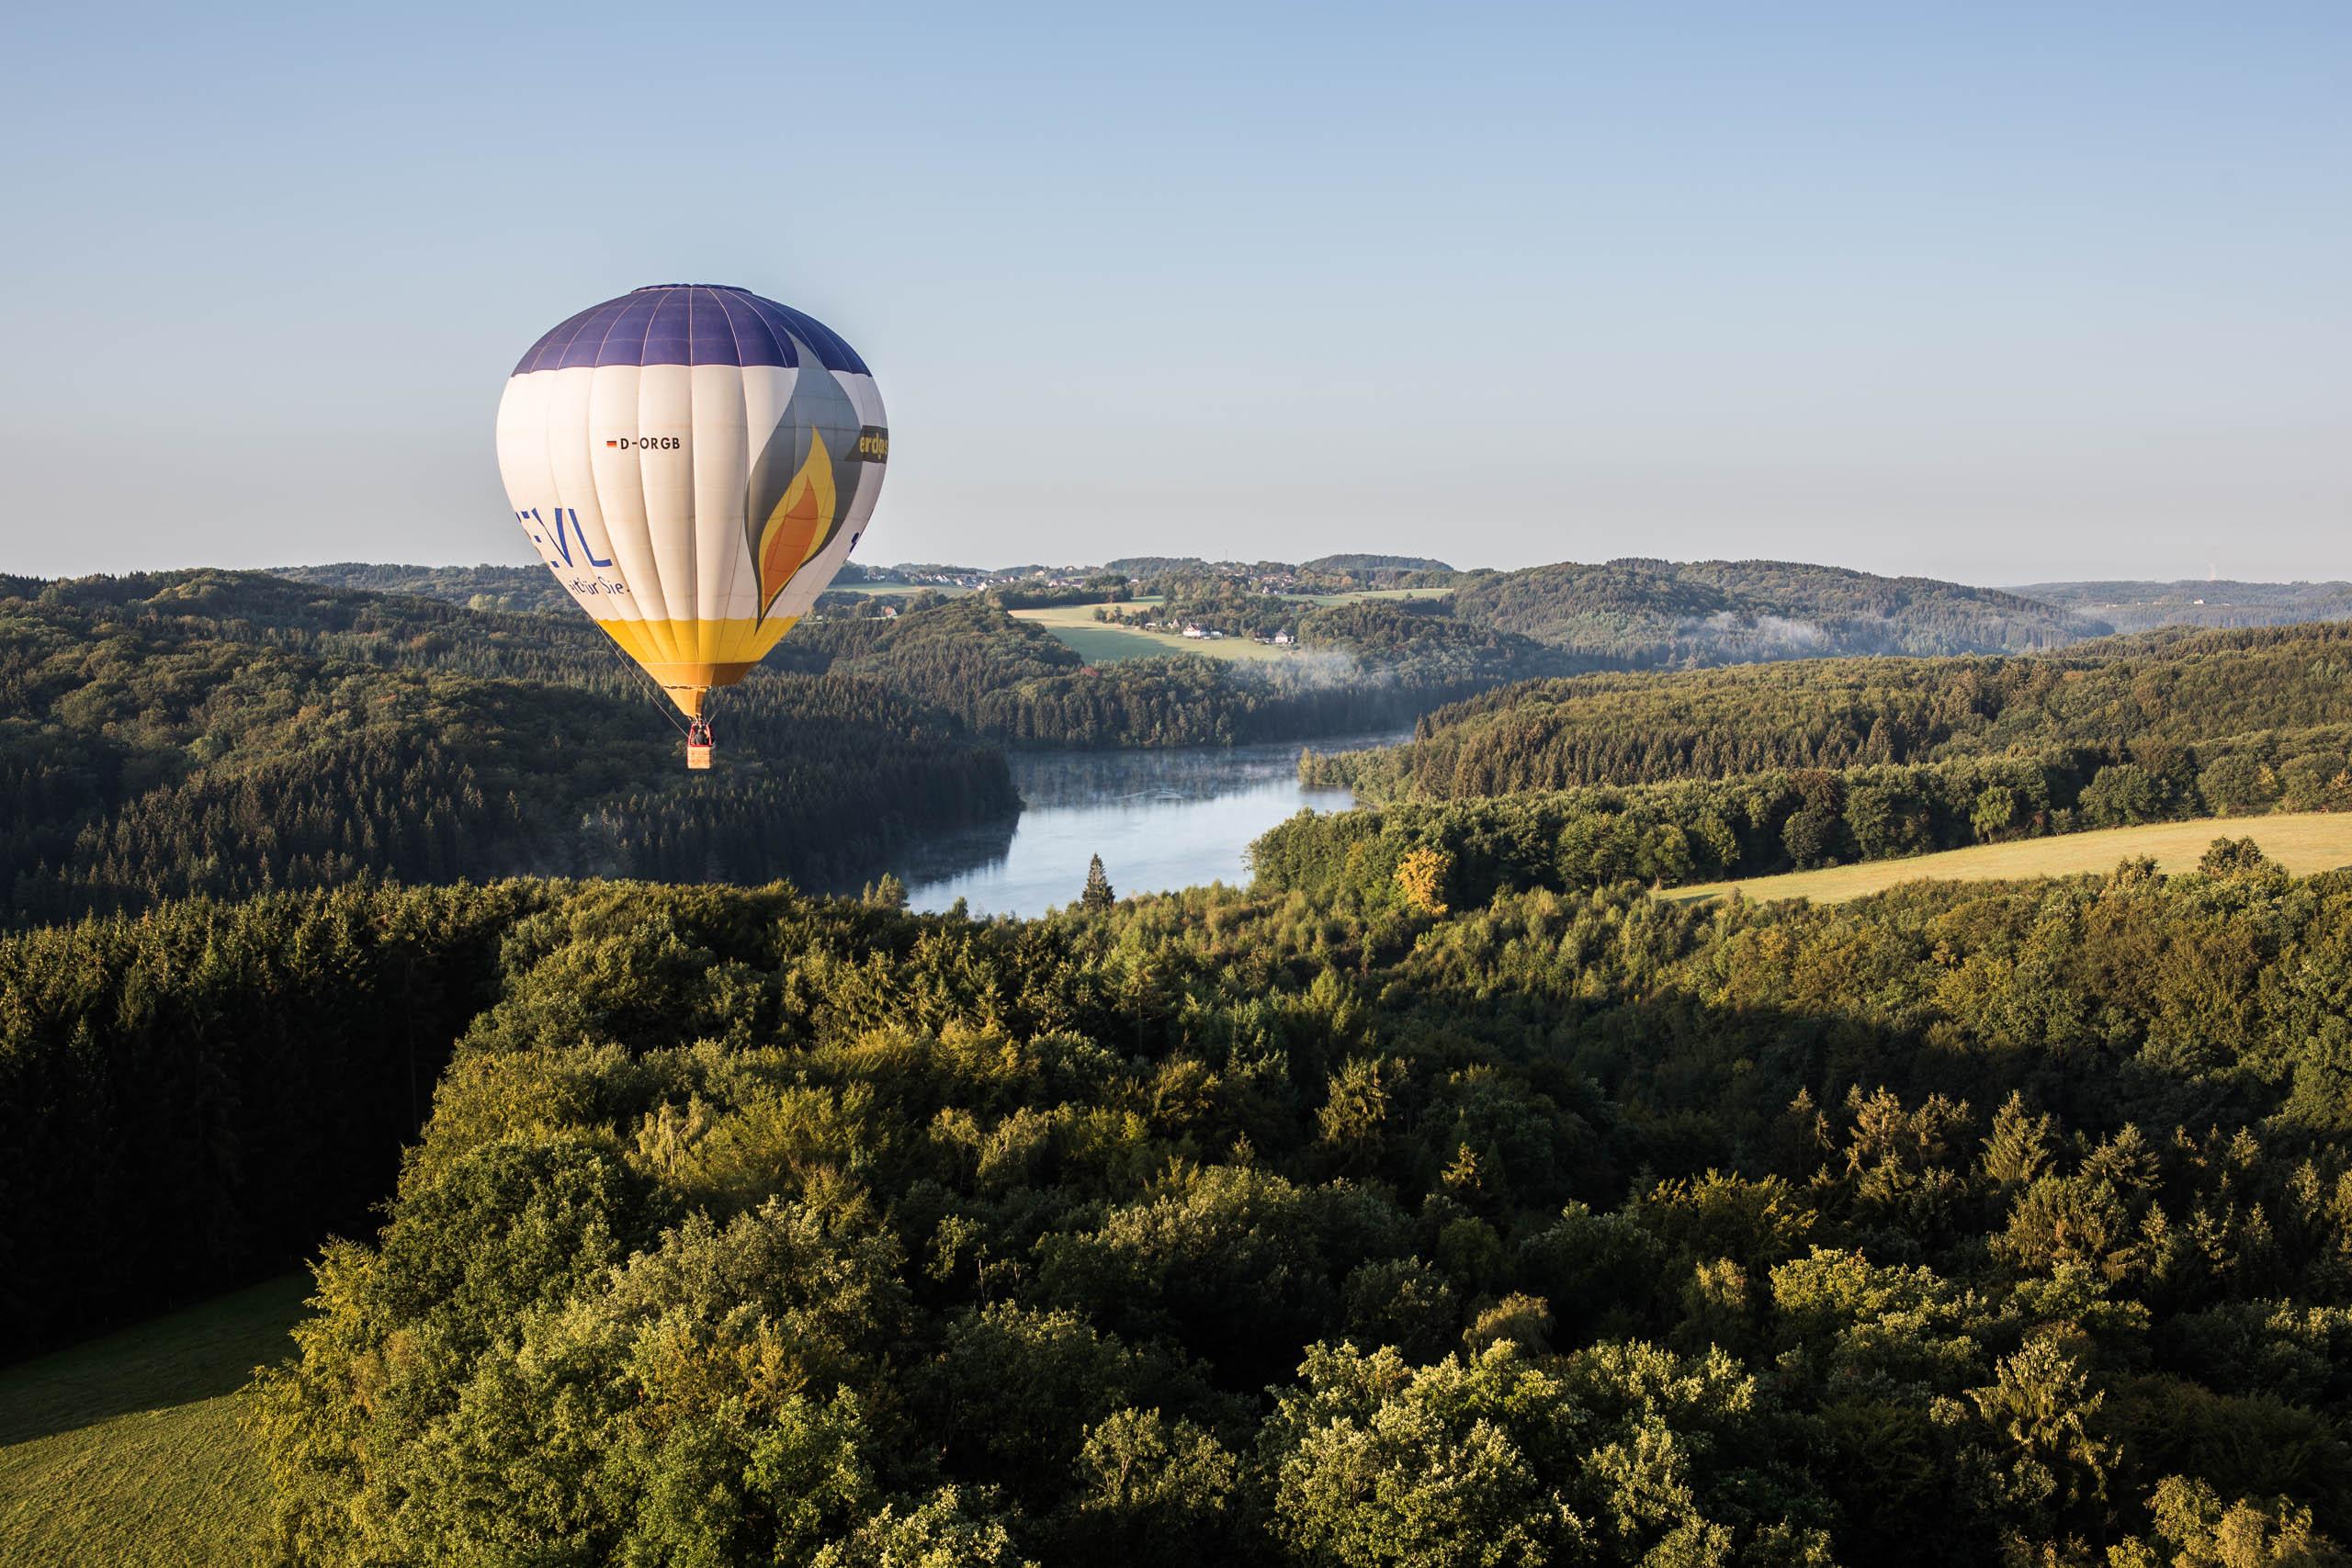 Ballonfahrt über dem Rheinisch-Bergischen Kreis sowie der Dhünntalsperre